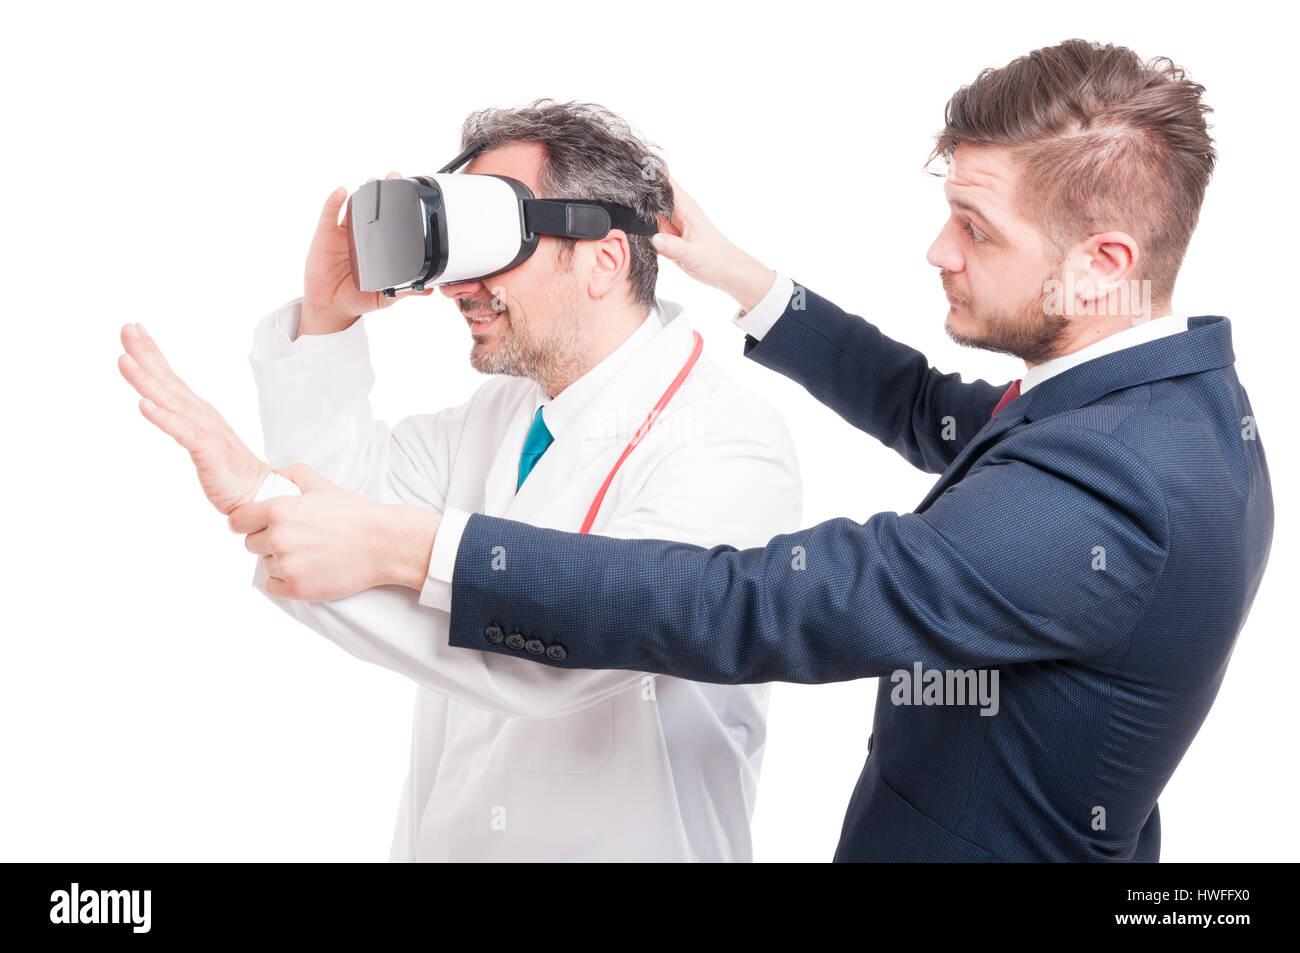 Guapo joven empresario con medic mirando a través del auricular vr aislado en blanco Foto de stock